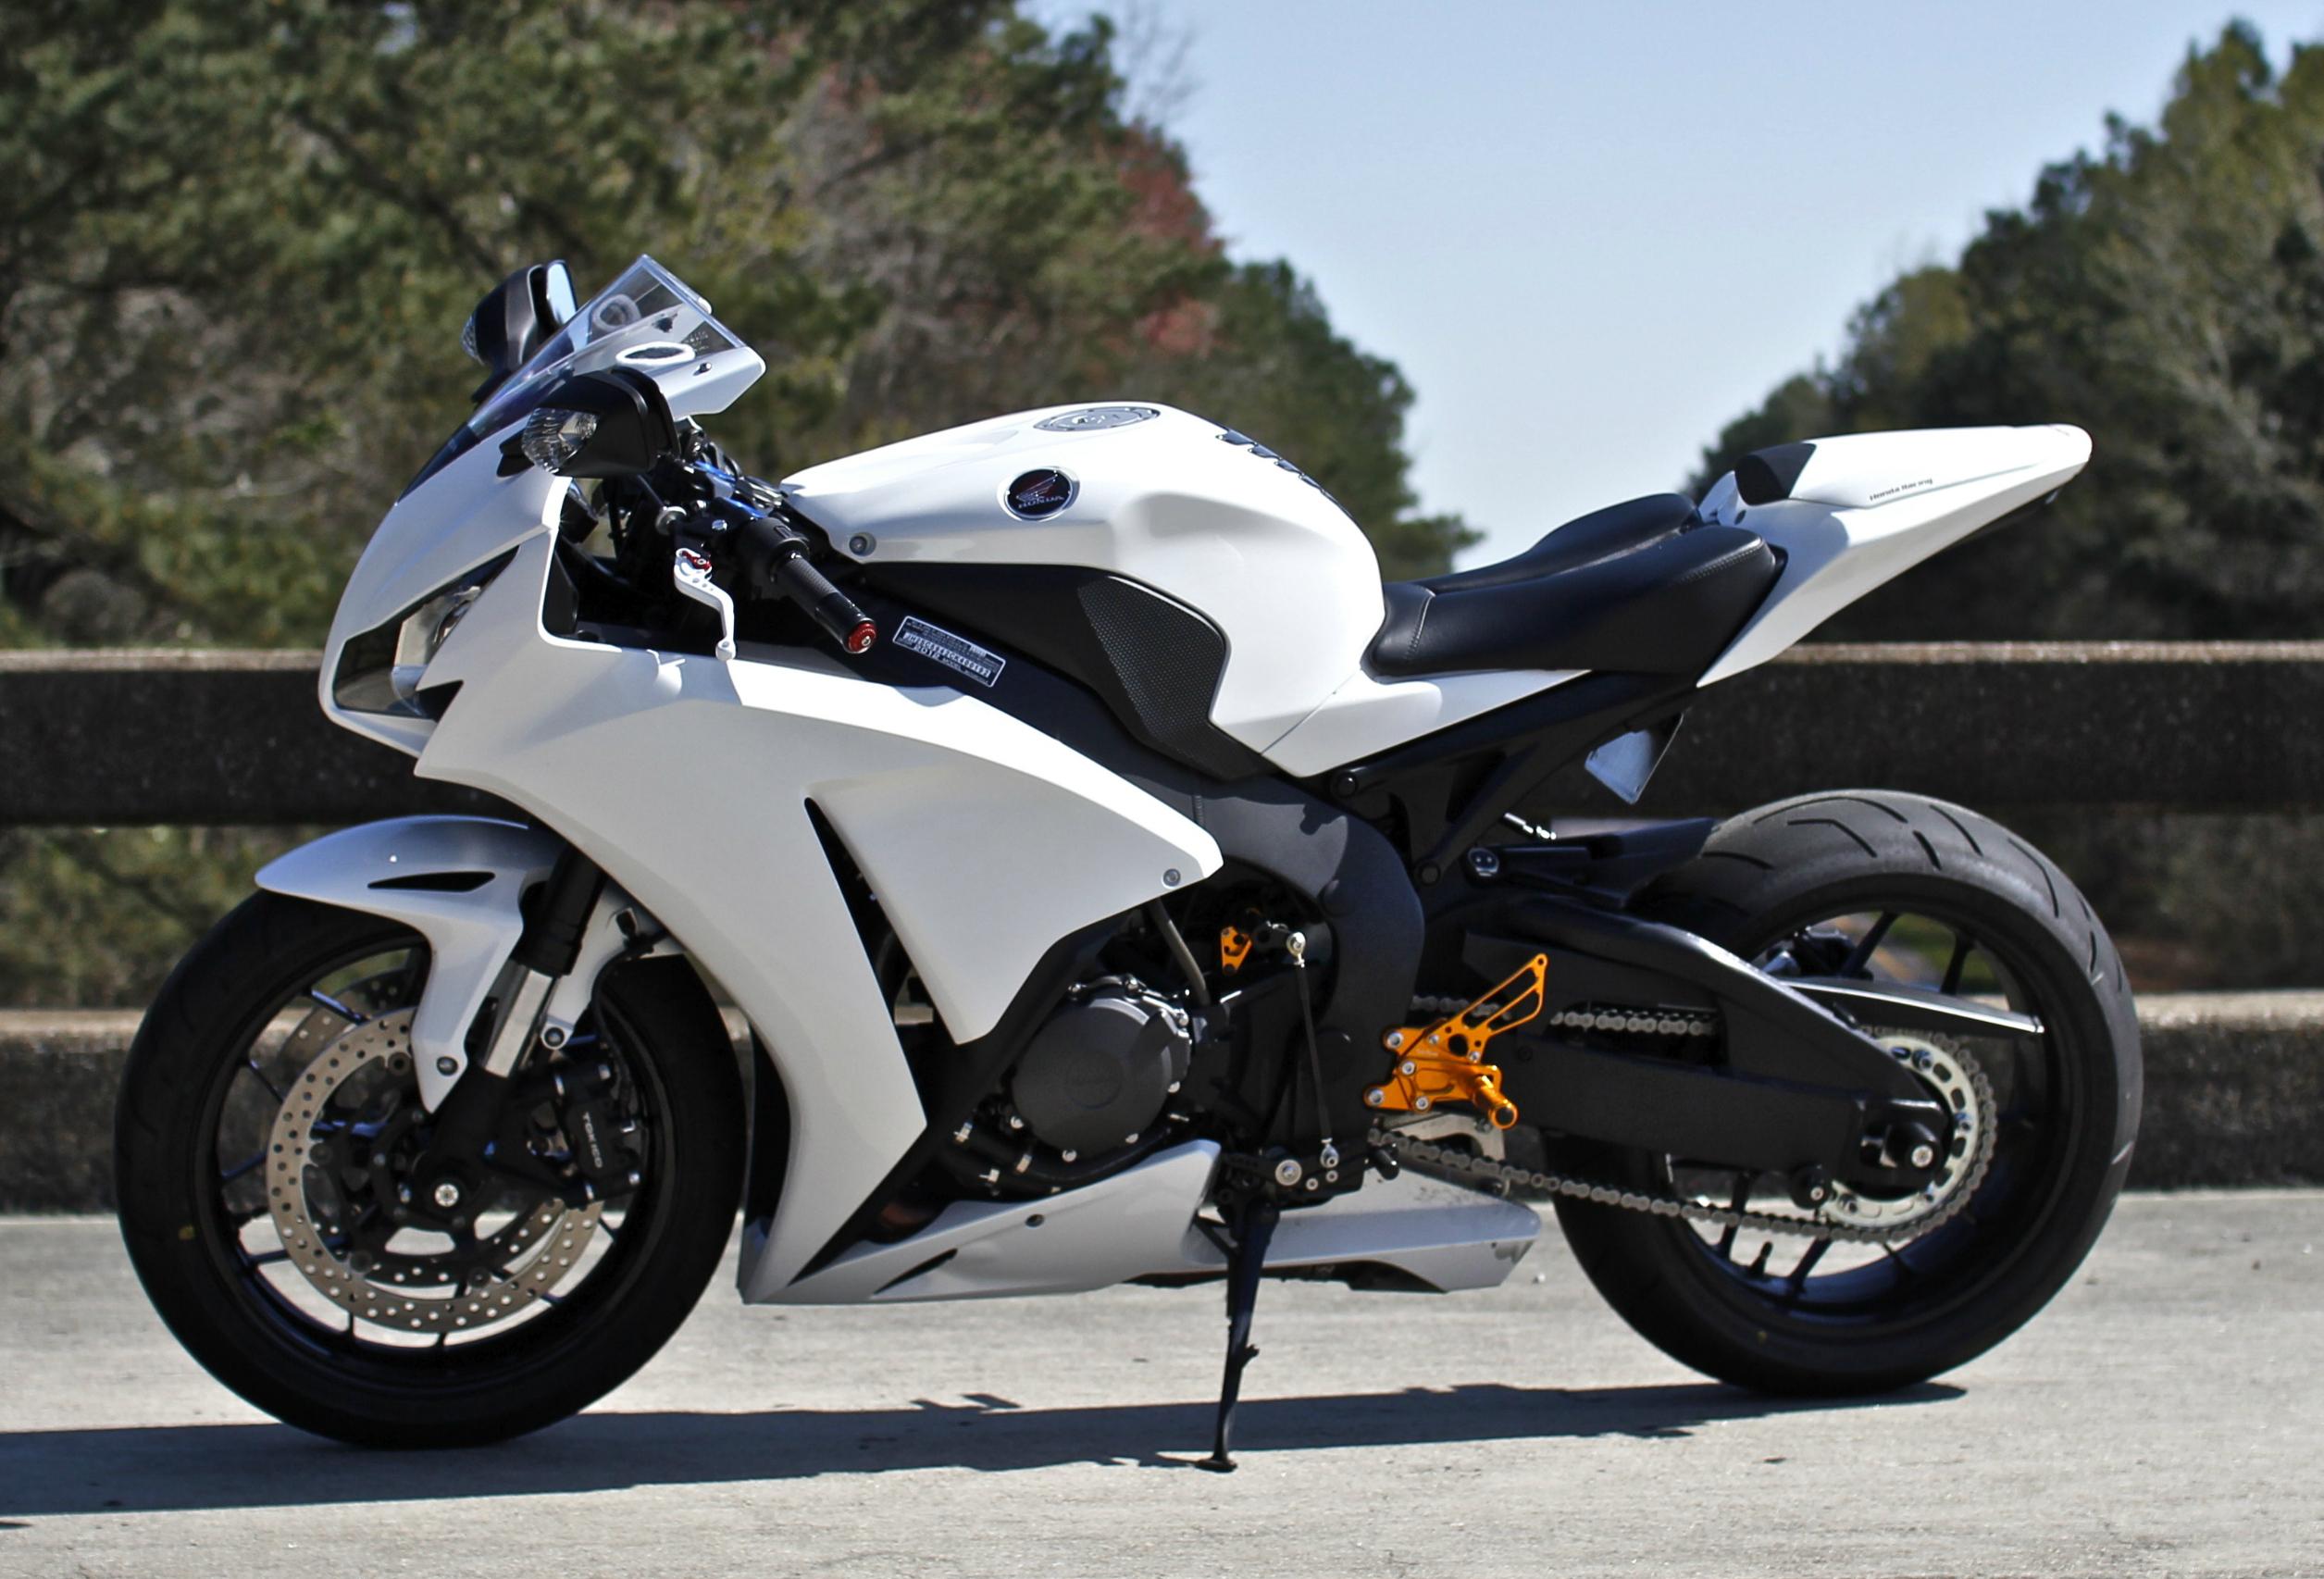 94337 скачать обои Мотоциклы, Хонда (Honda), Cbr1000Rr, Белый, Мотоцикл, Вид Сбоку - заставки и картинки бесплатно